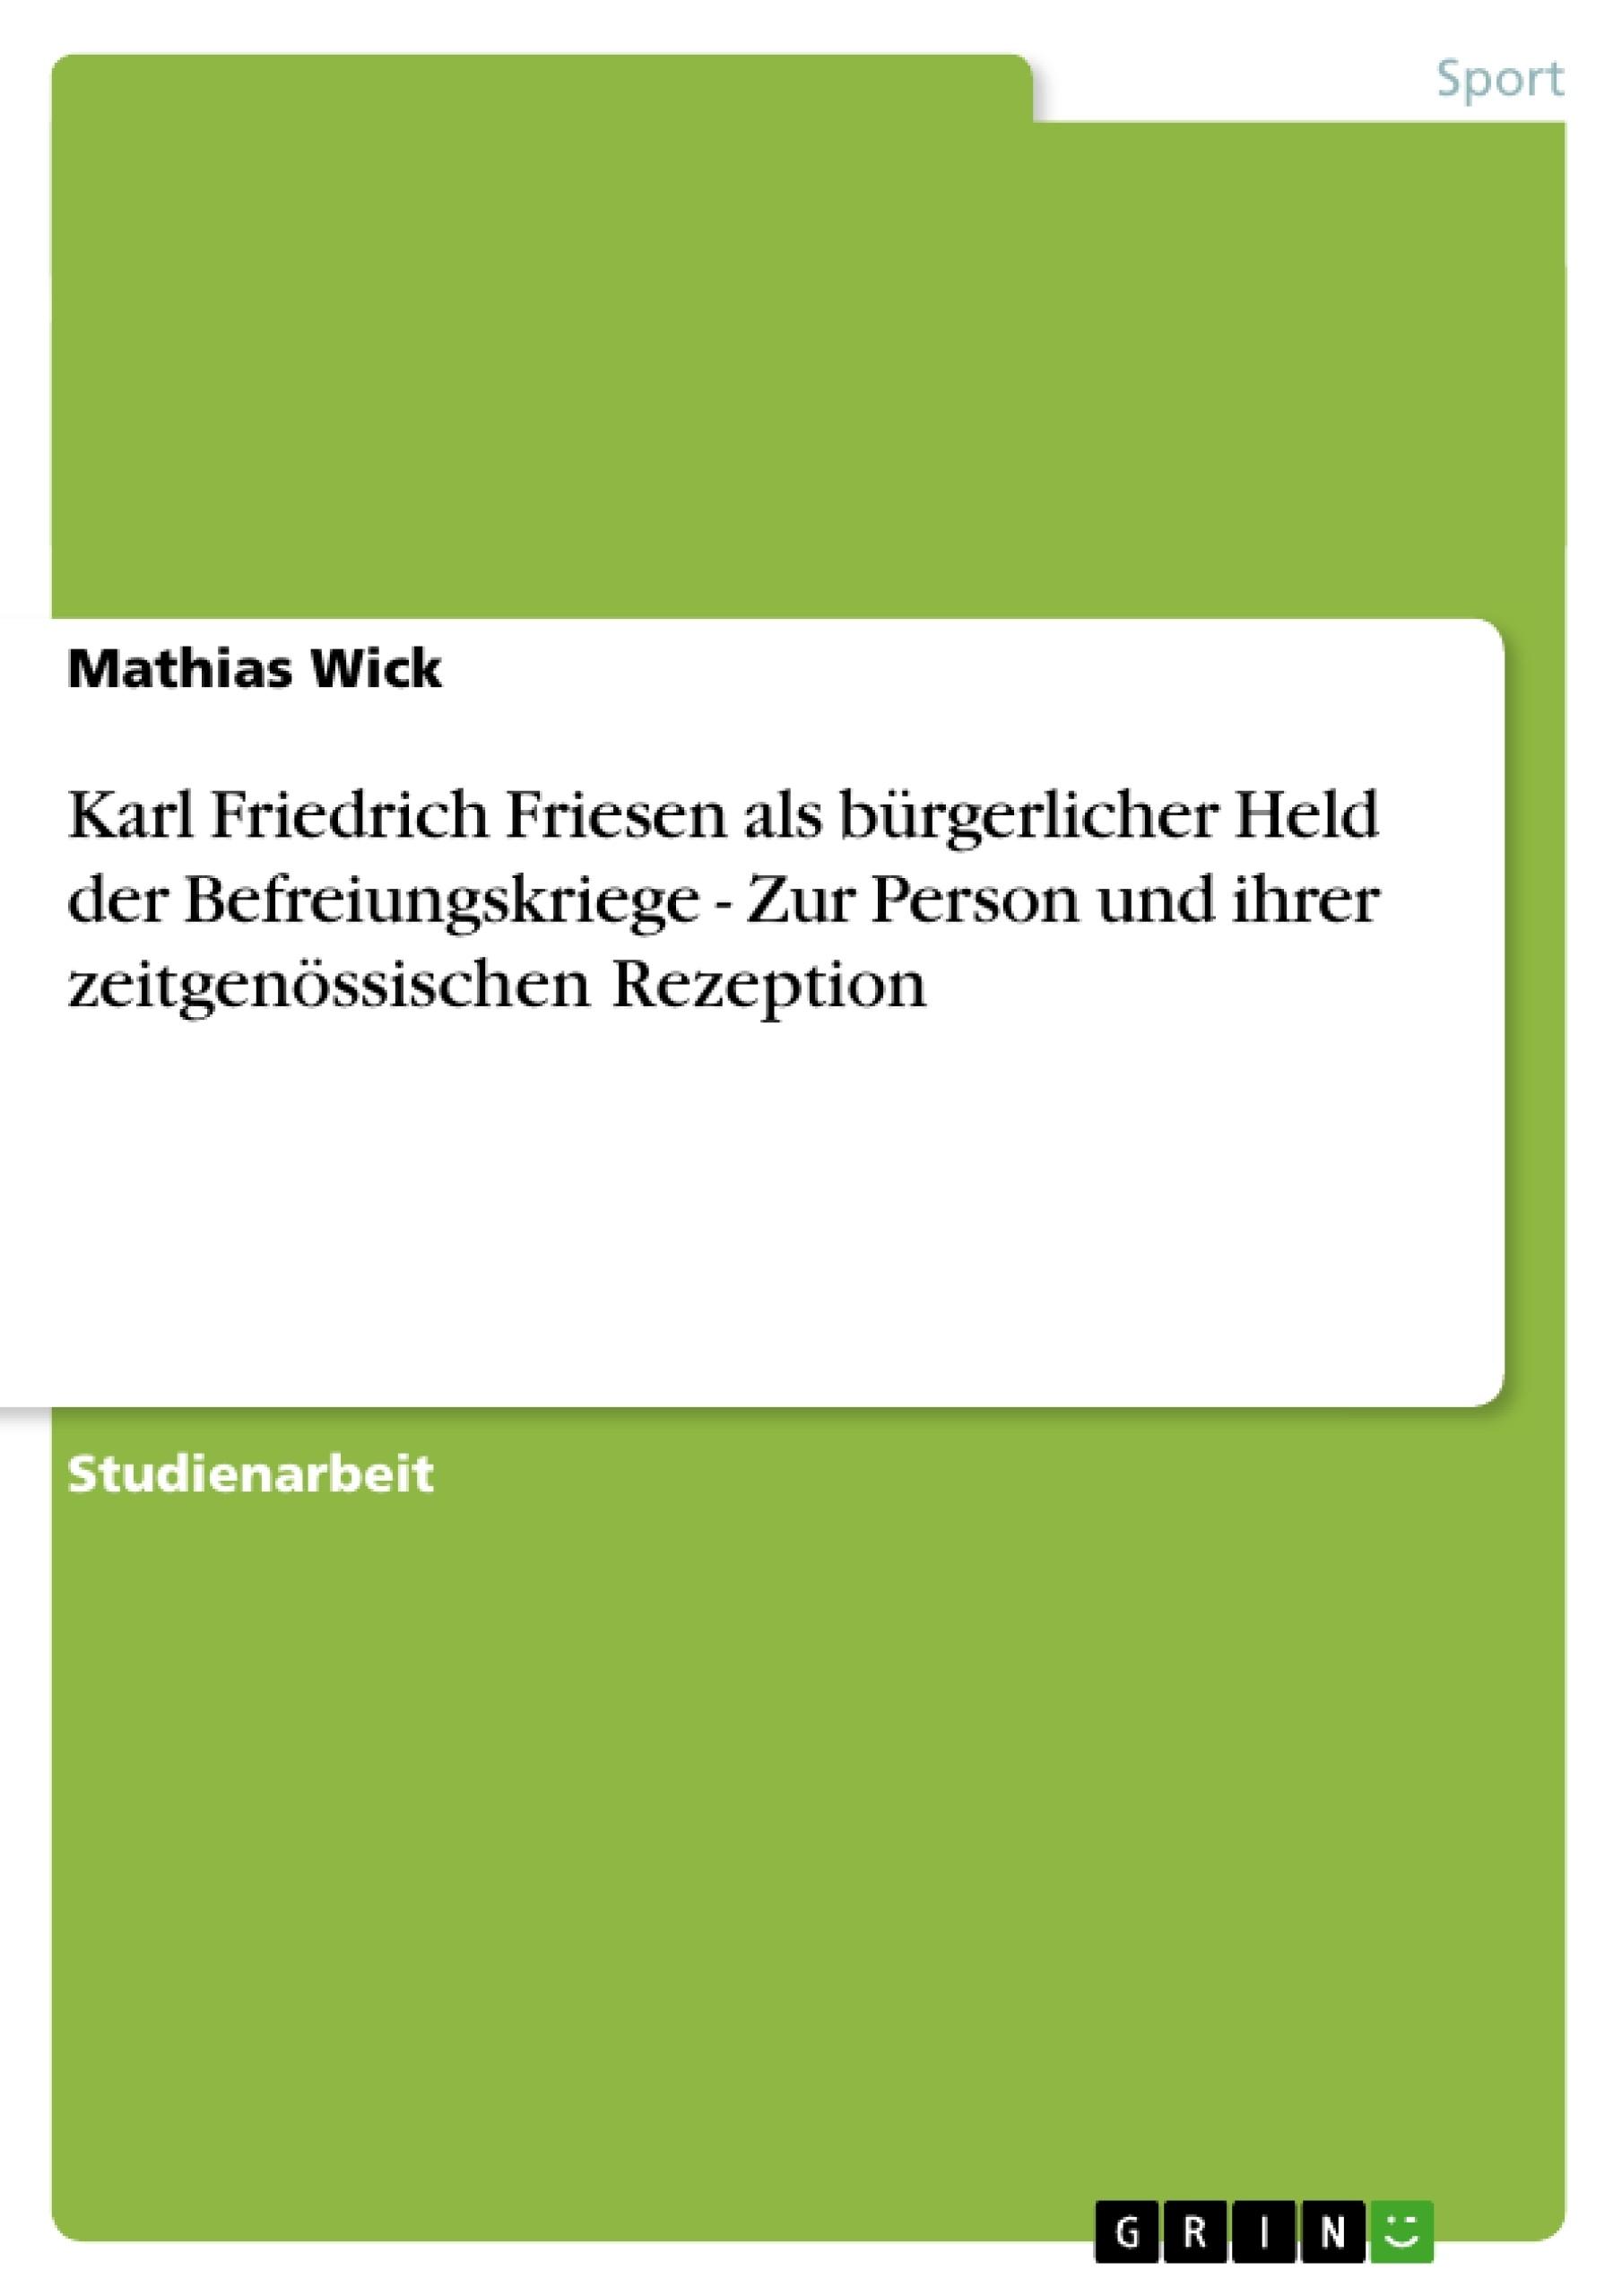 Titel: Karl Friedrich Friesen als bürgerlicher Held der Befreiungskriege - Zur Person und ihrer zeitgenössischen Rezeption